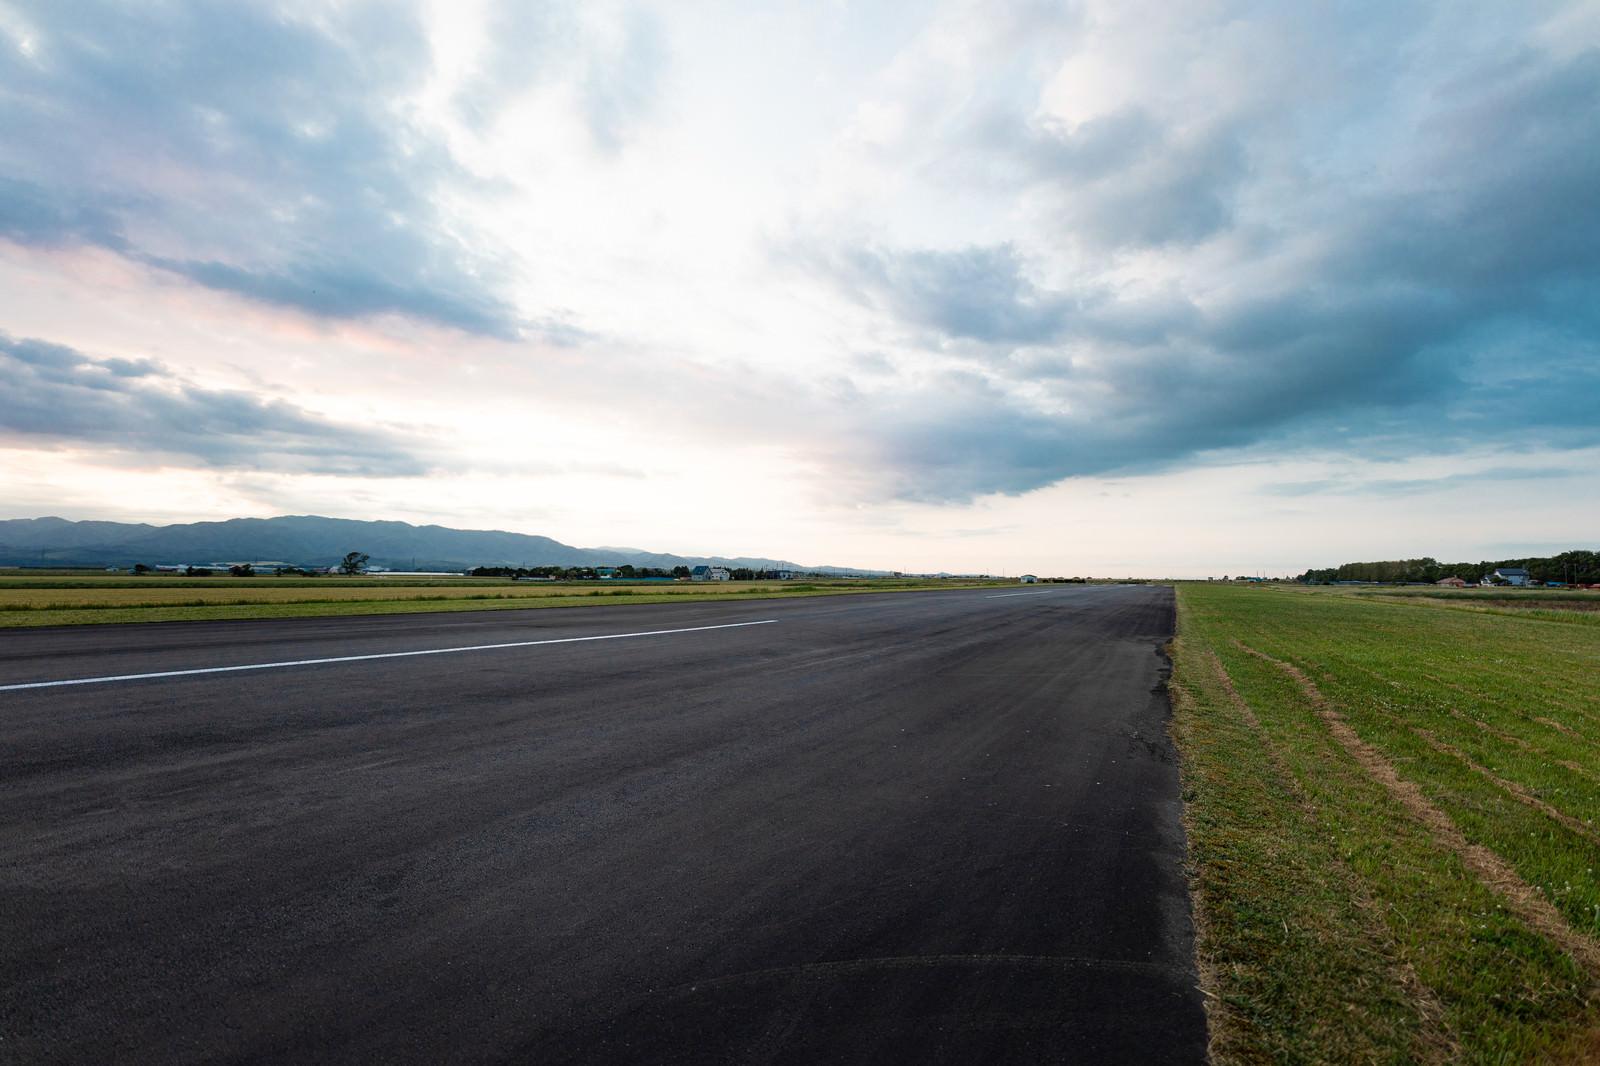 「美唄(びばい)市にある農道離着陸場」の写真